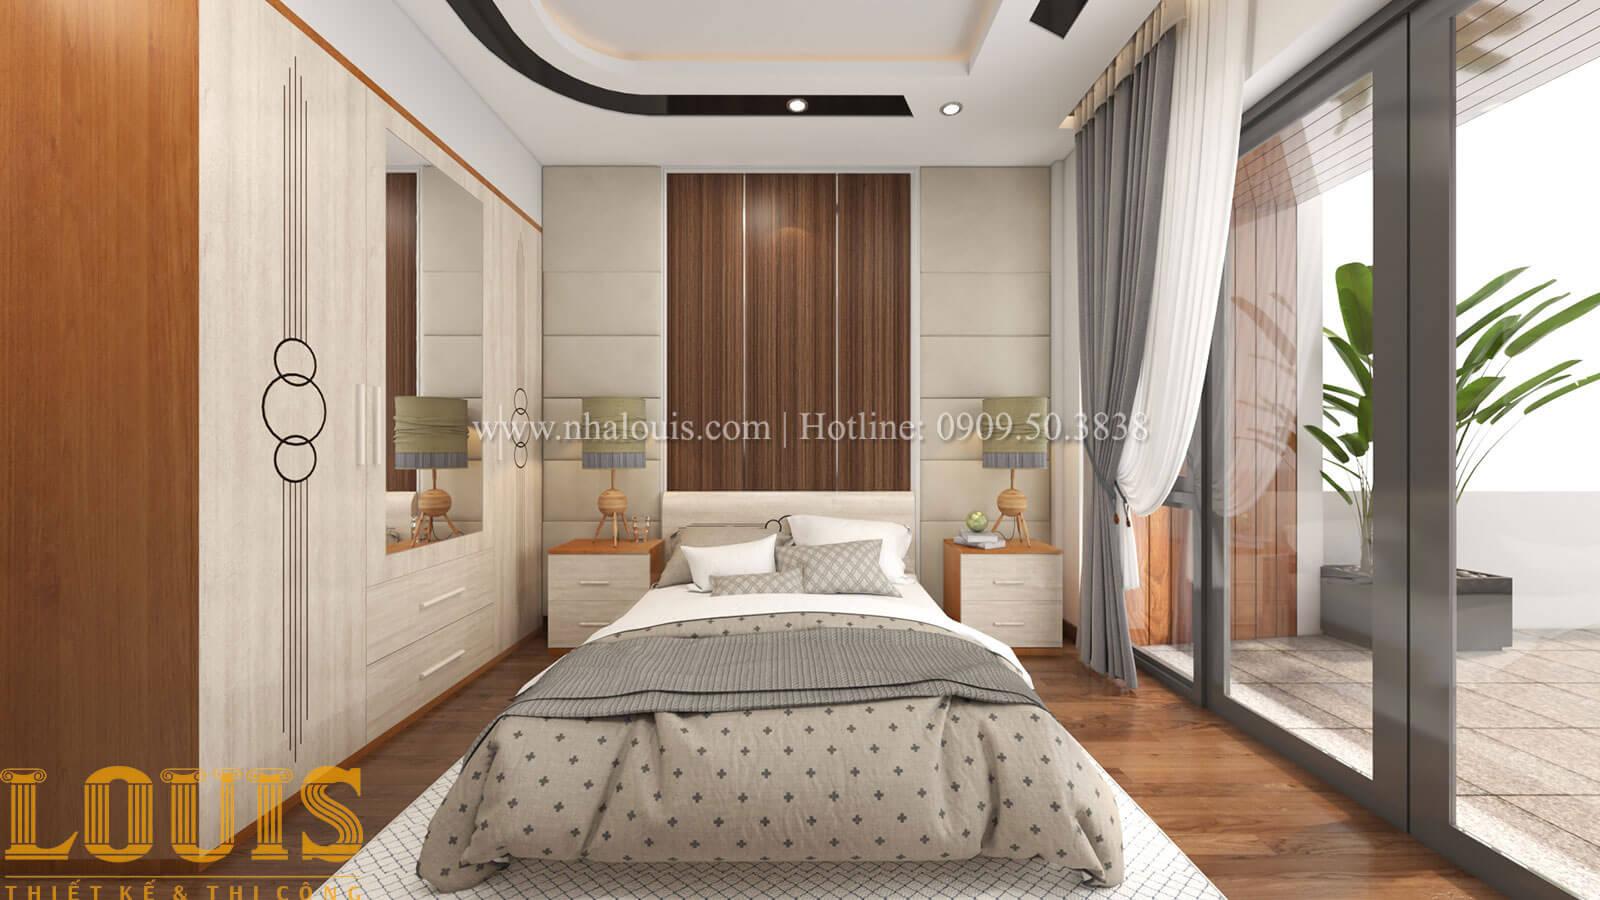 Phòng ngủ ông bà Mẫu nhà 5 tầng đẹp hiện đại với thiết kế tối giản tại Tân Bình - 16